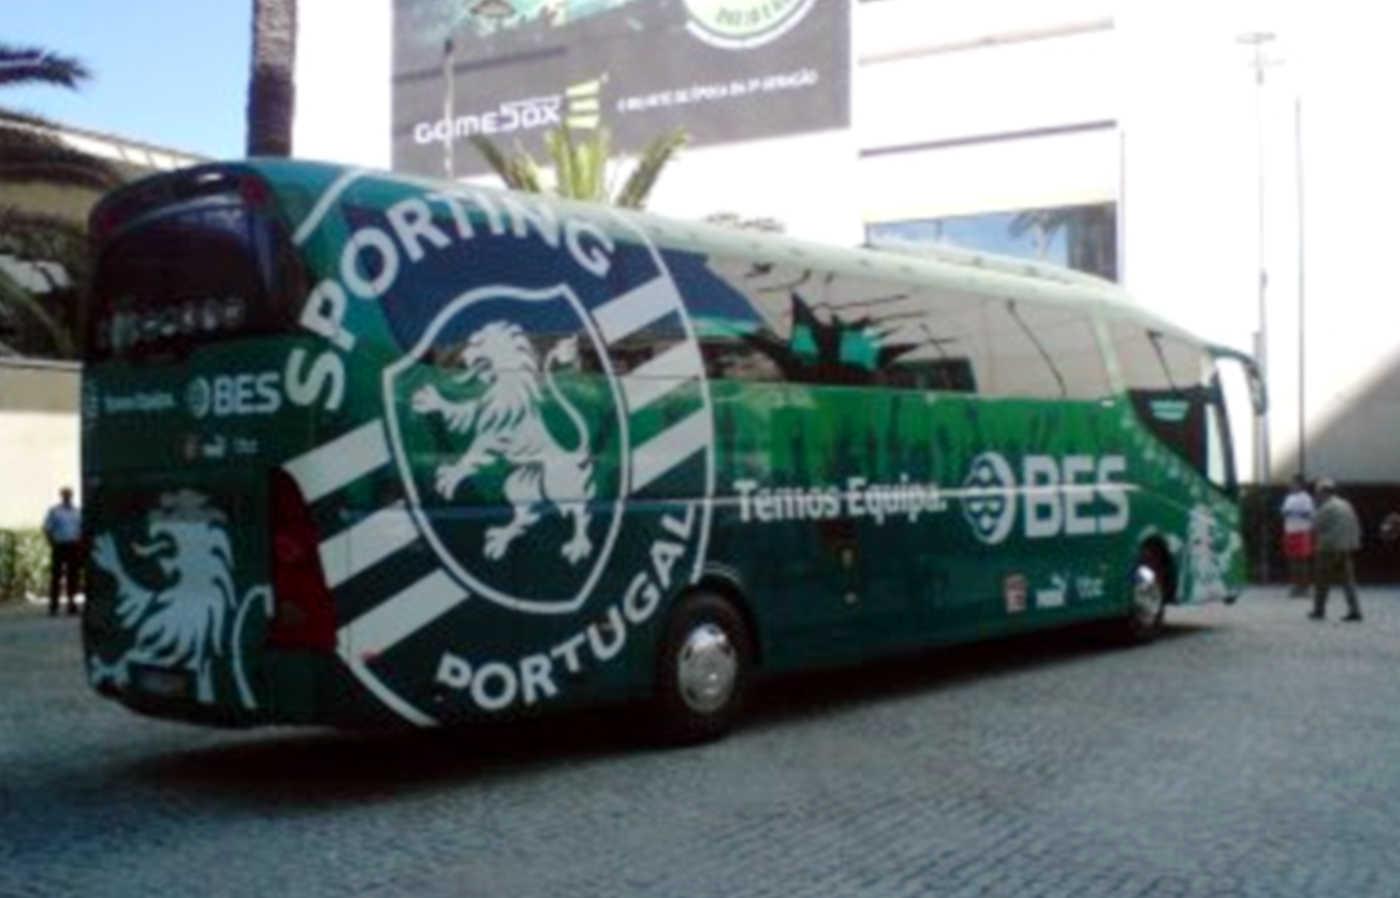 300 adeptos fazem espera ao autocarro e mostram desagrado por mais um empate que deixa o Sporting a 14 pontos do 1ºlugar.